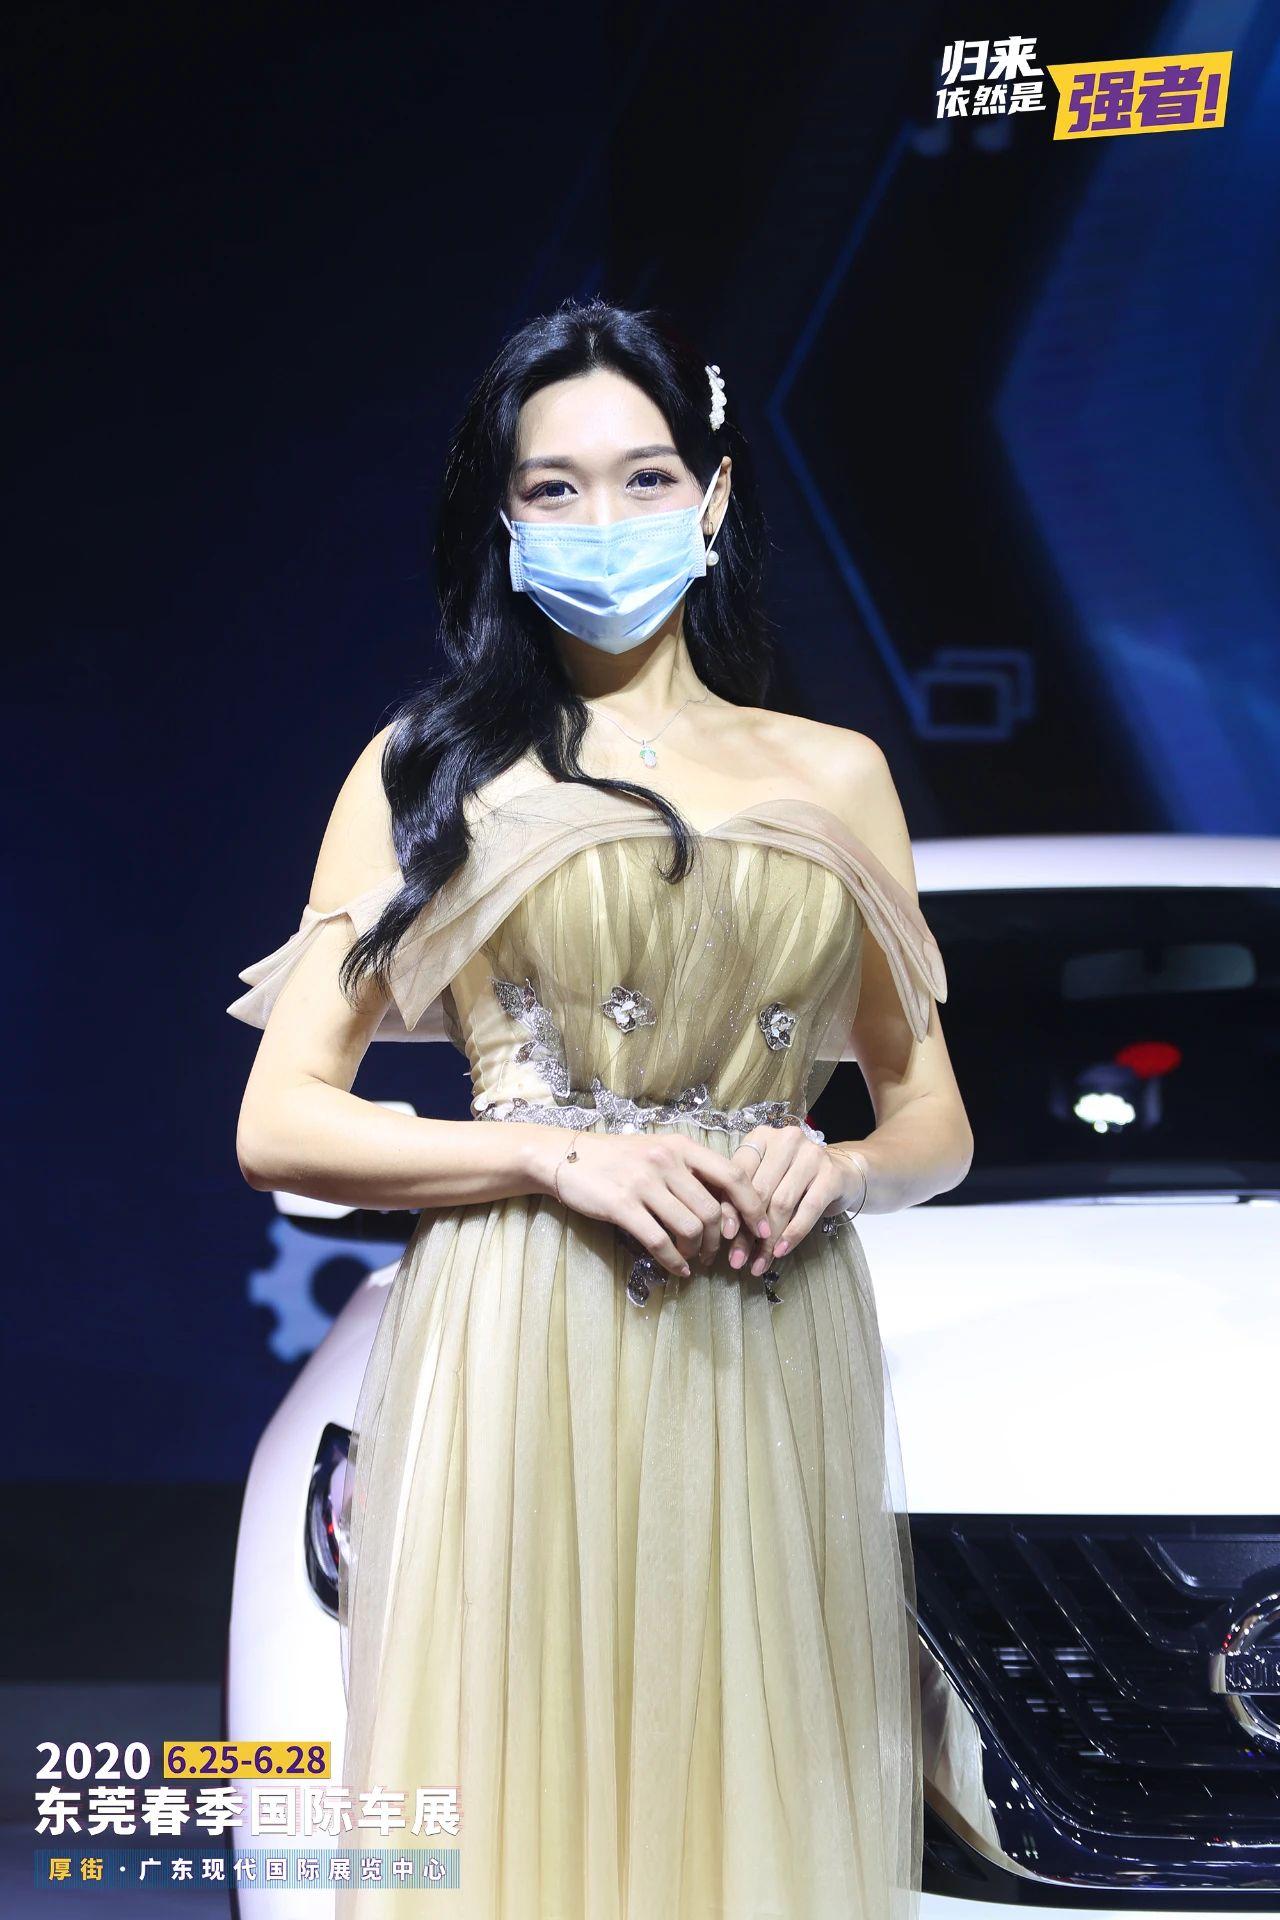 2020东莞春季国际车展开幕 来看看车模小姐姐吧